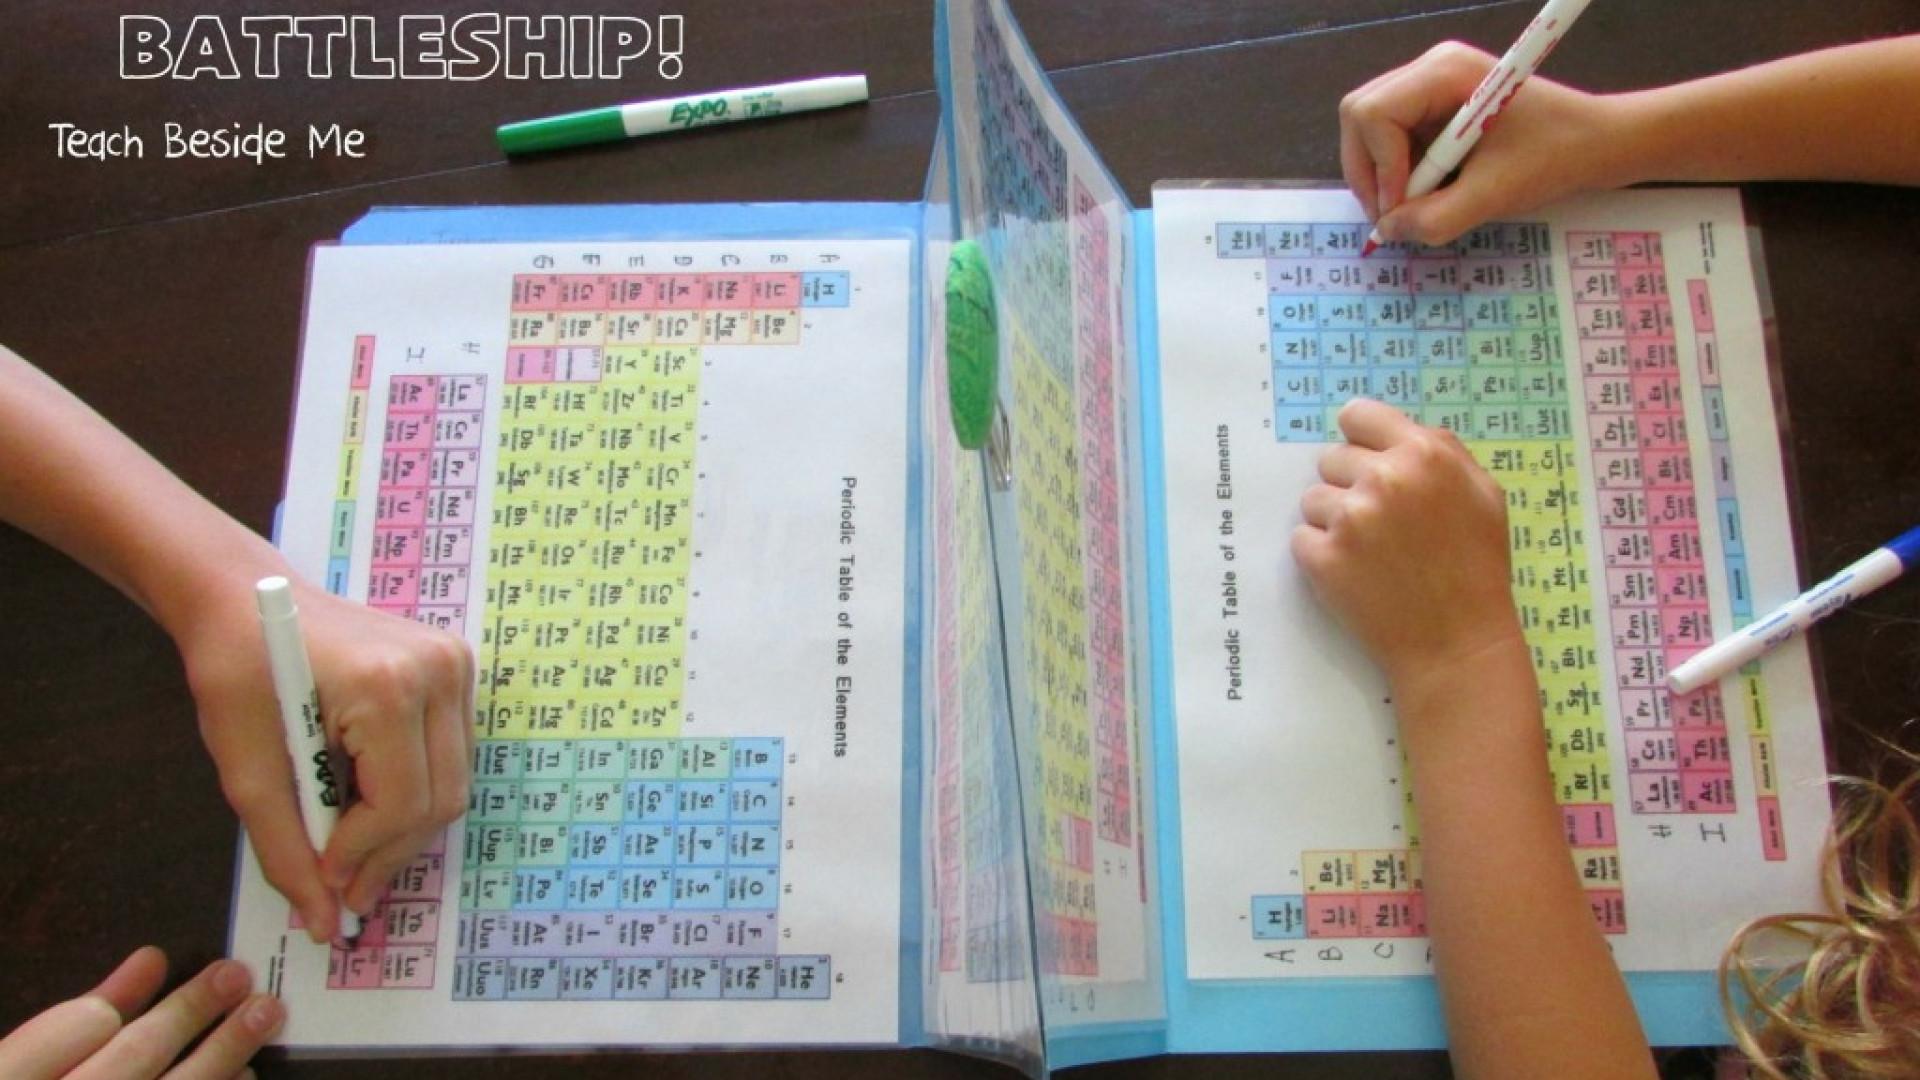 Cria batalha naval com tabela periódica para ajudar filho com química